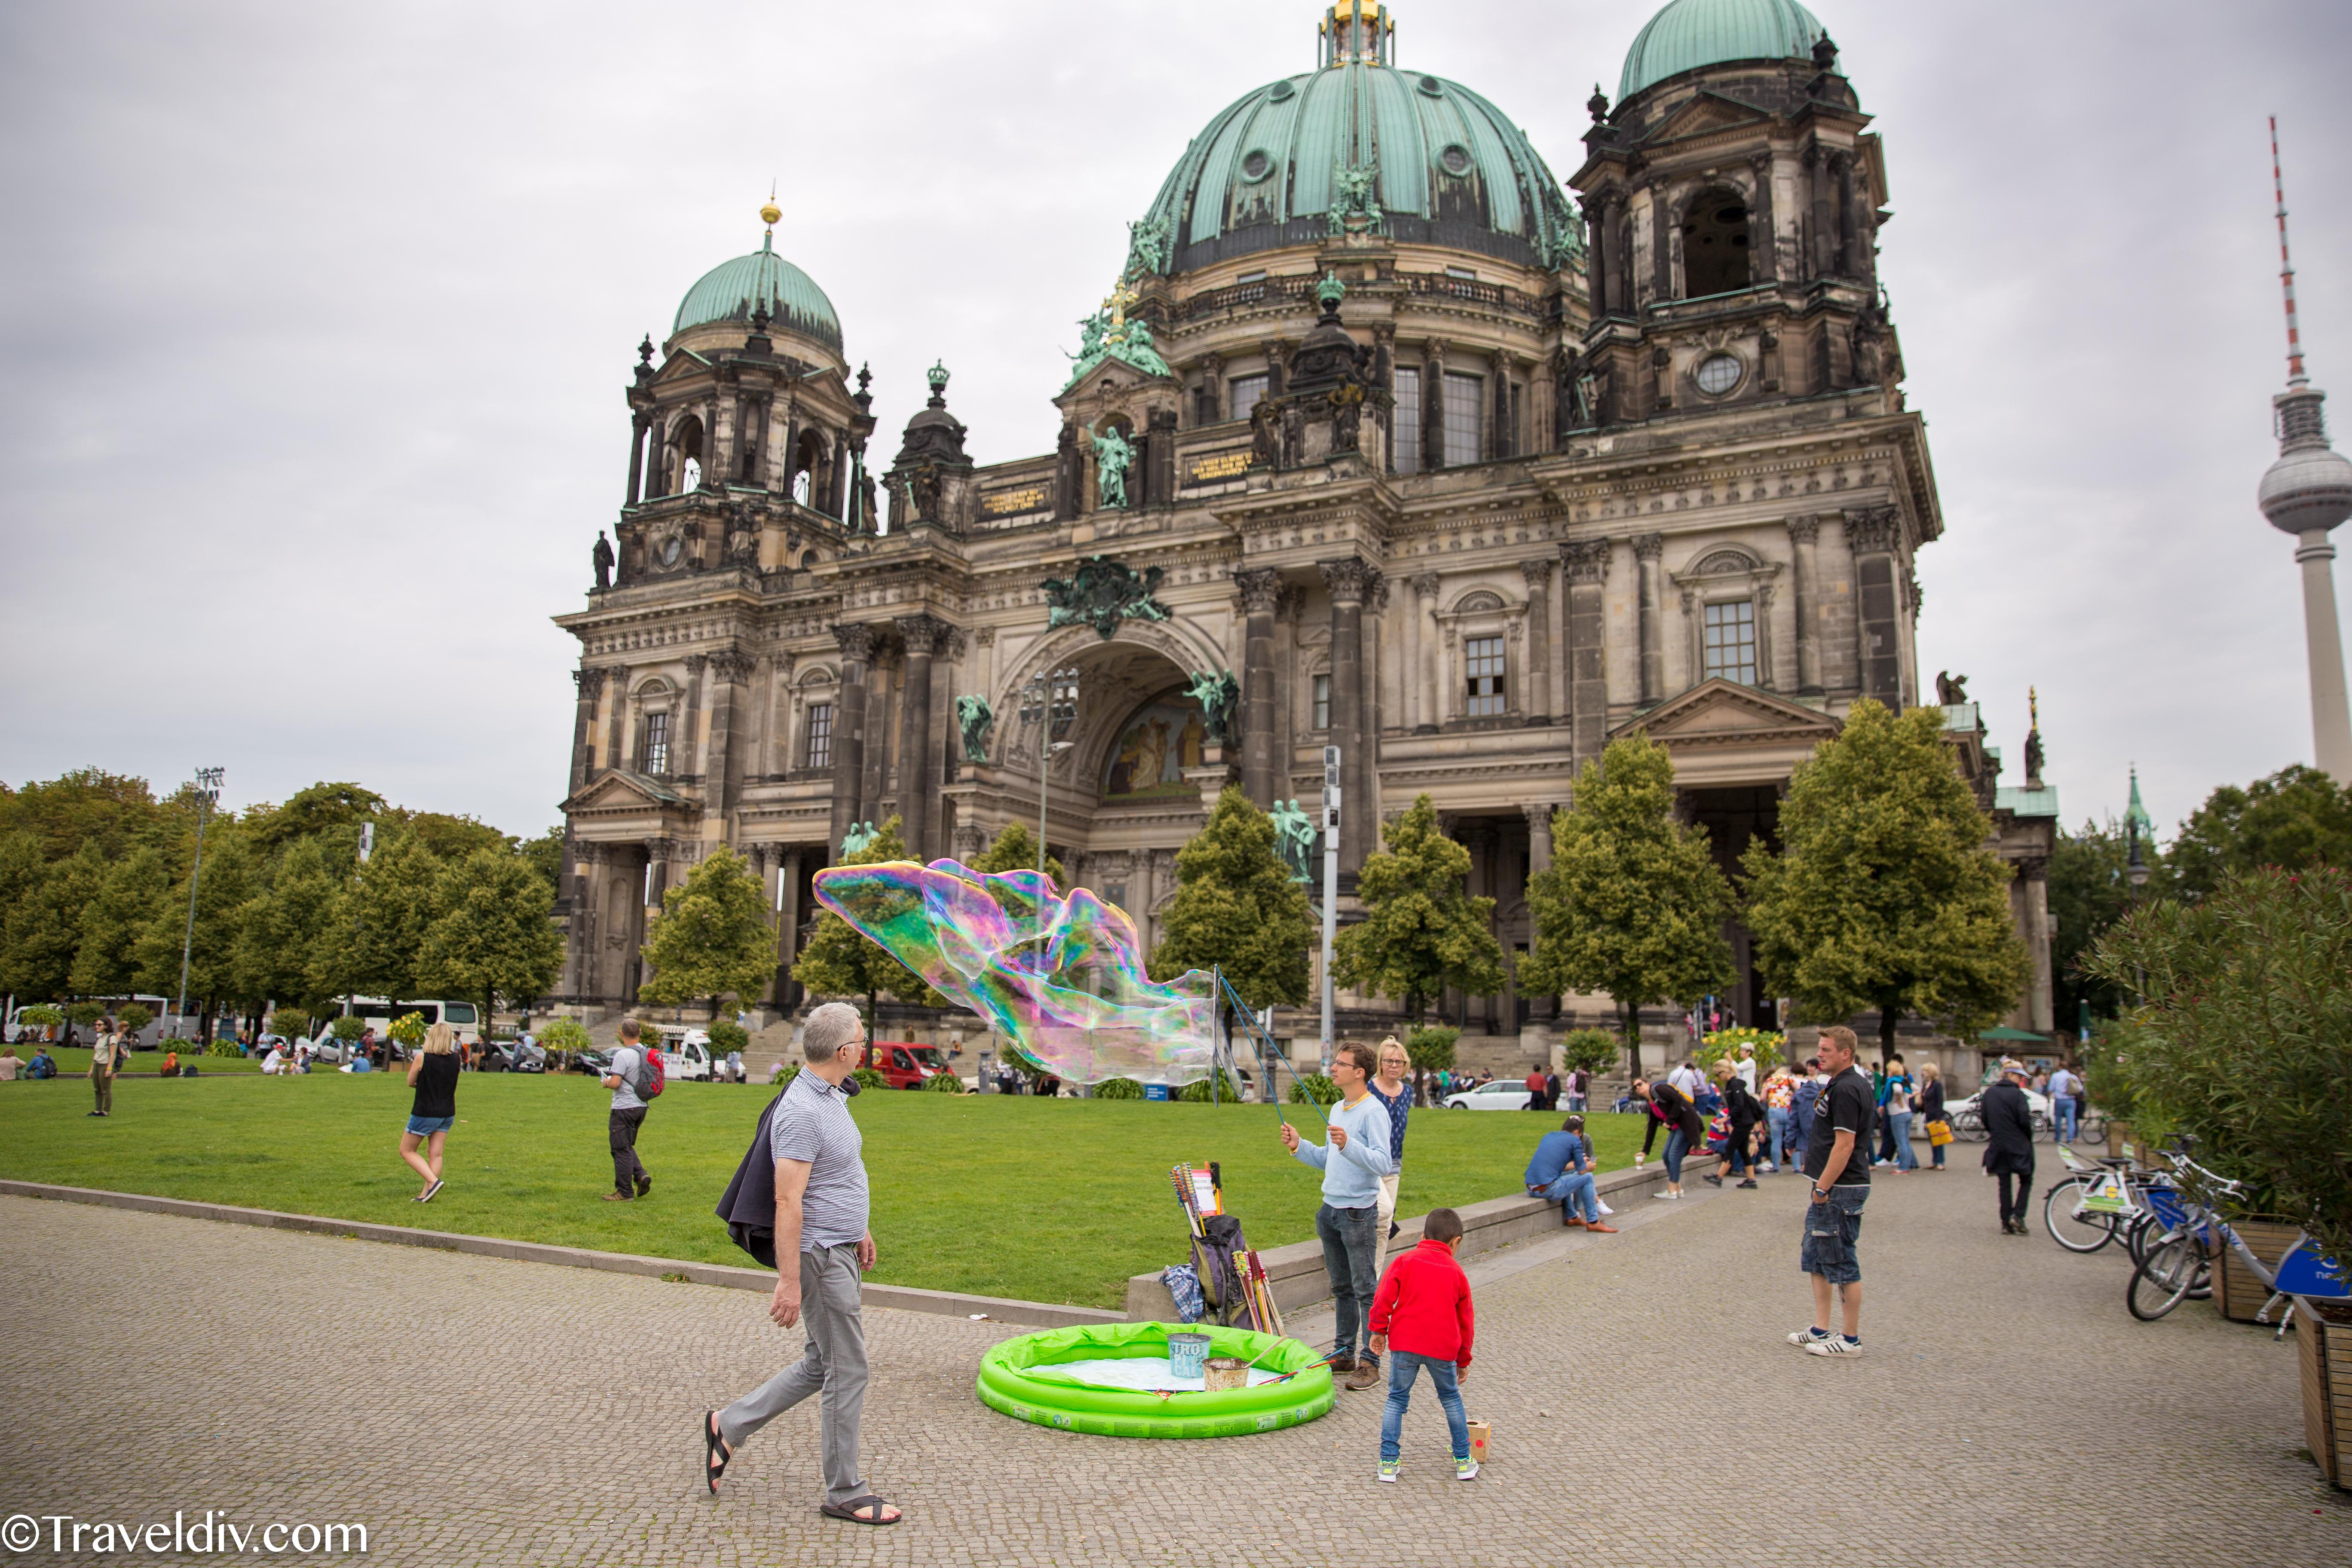 IMG_0037 برلين عاصمة الحرب و السلام , هنا تجدون رحلتي لها مع اهم الاماكن السياحية و الفنادق و الاسواق و بعض المطاعم .